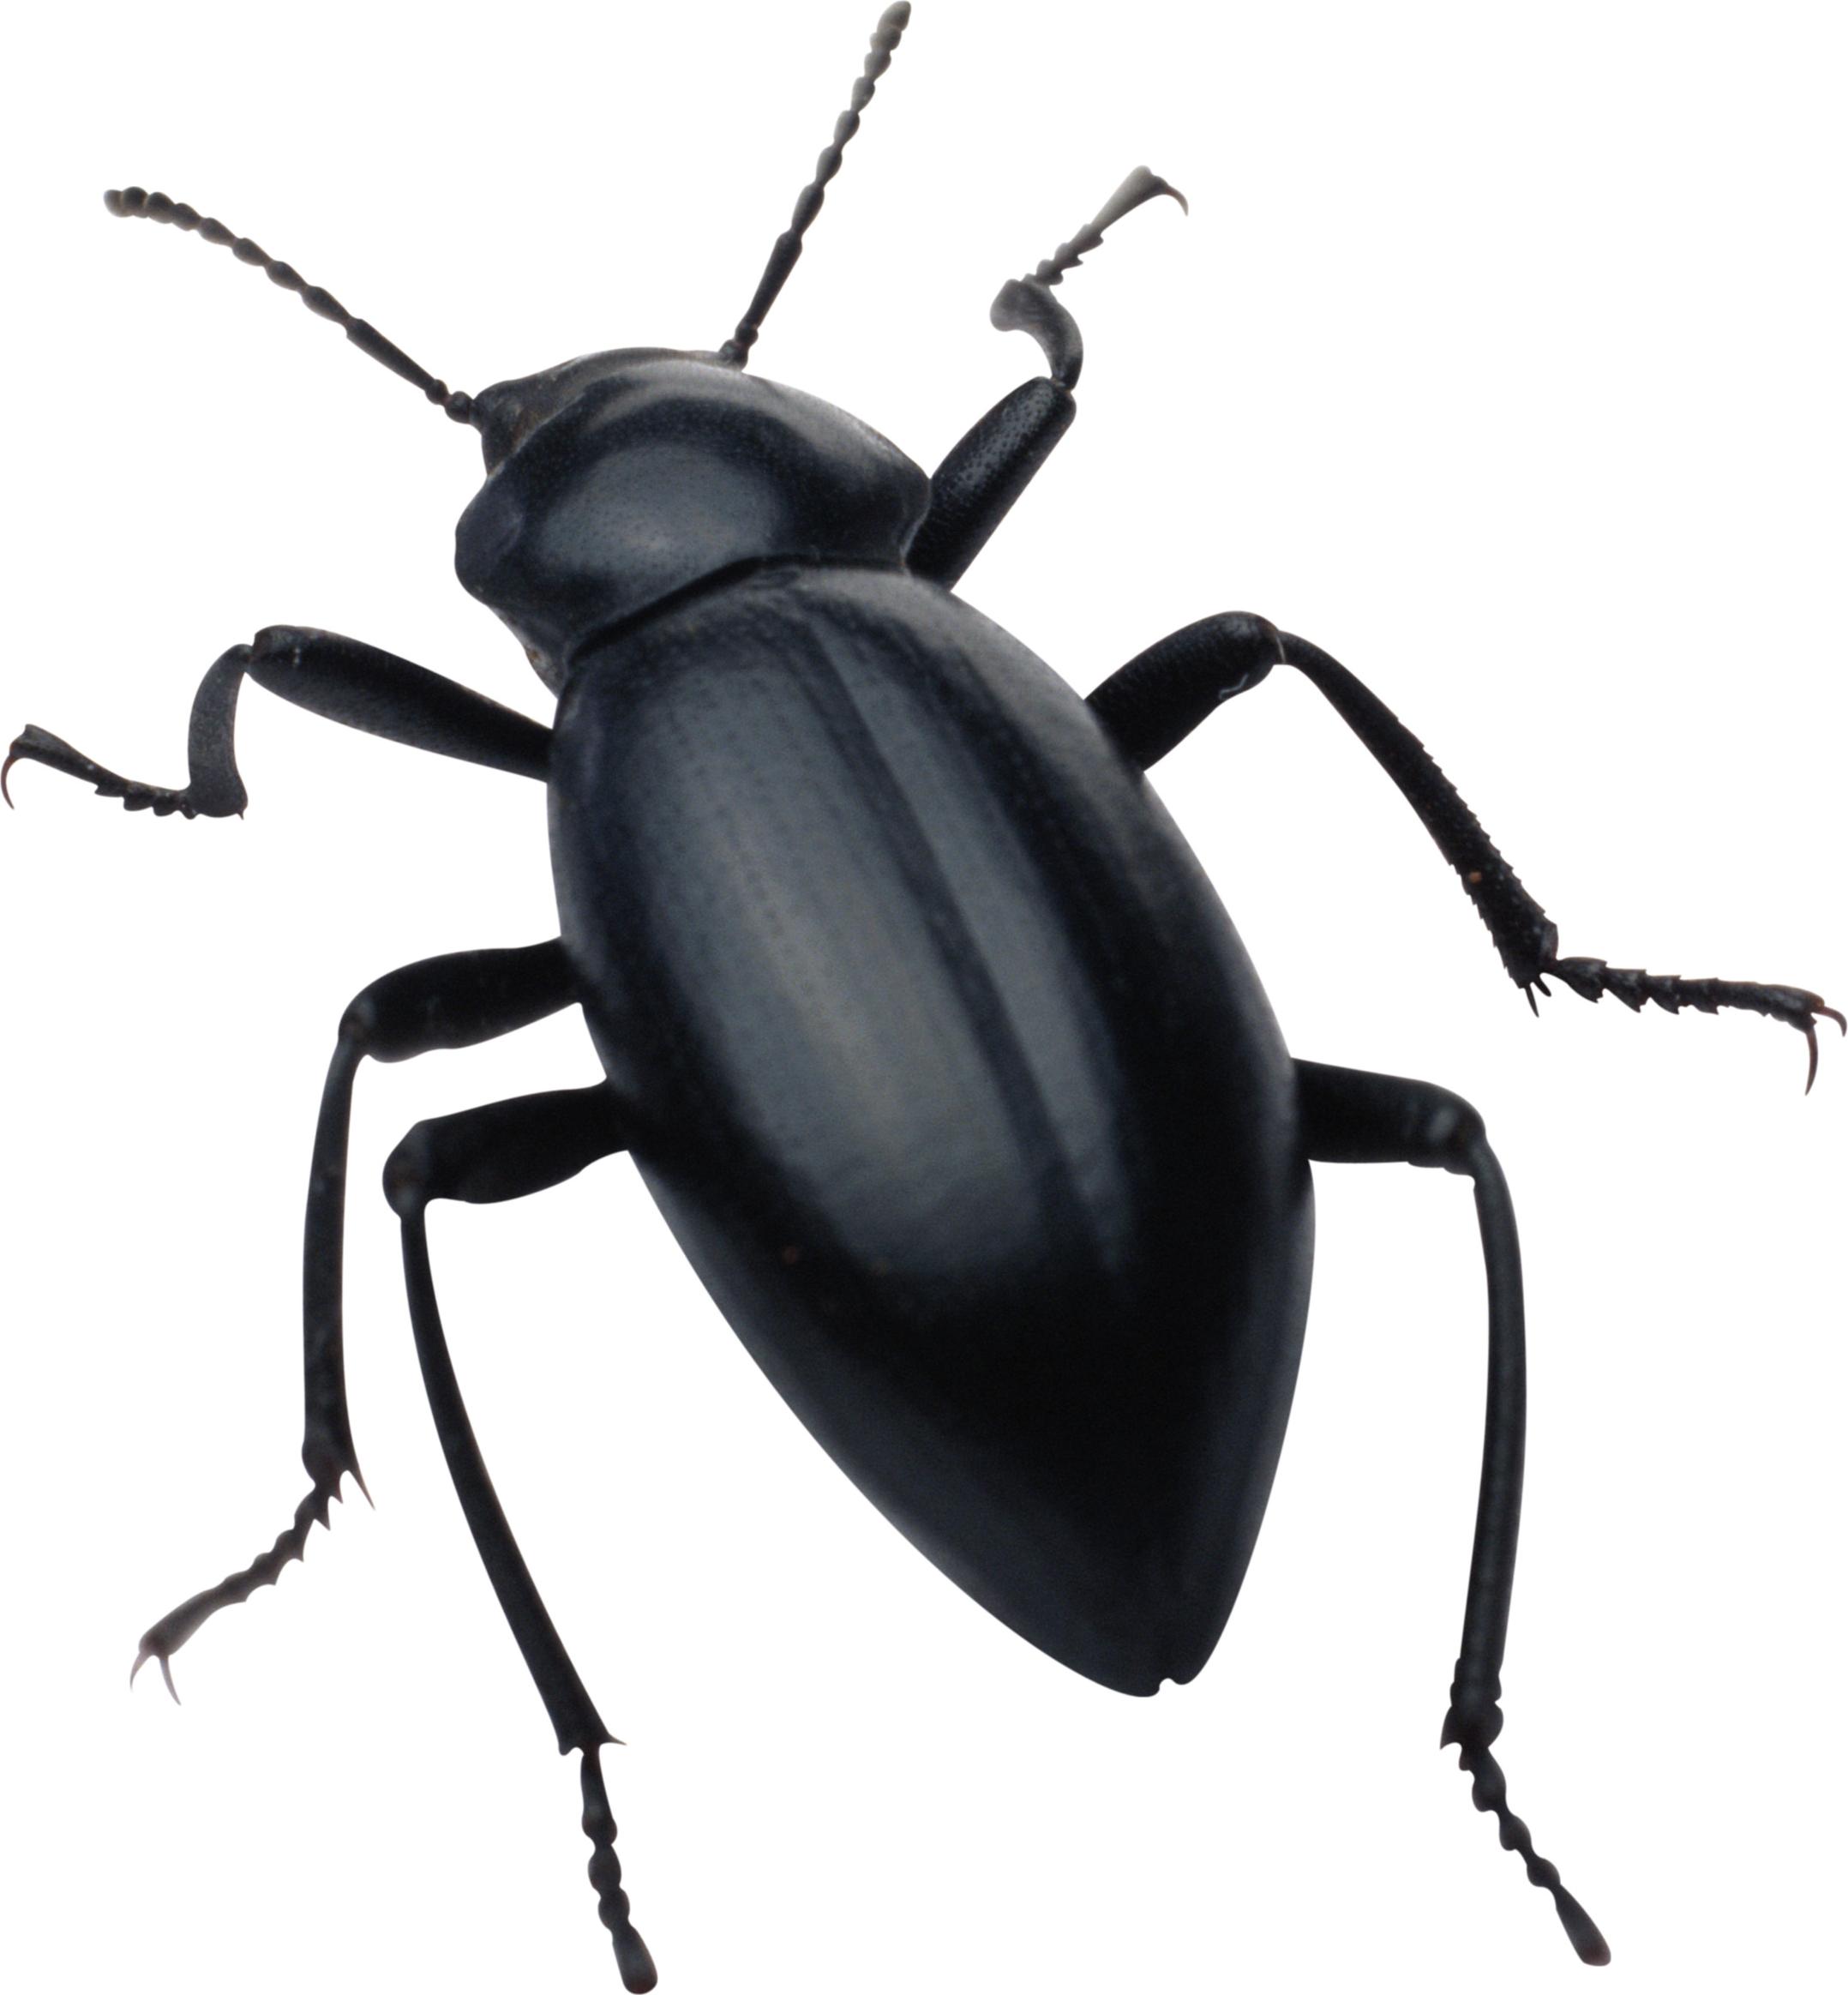 black bug PNG image - Bug PNG